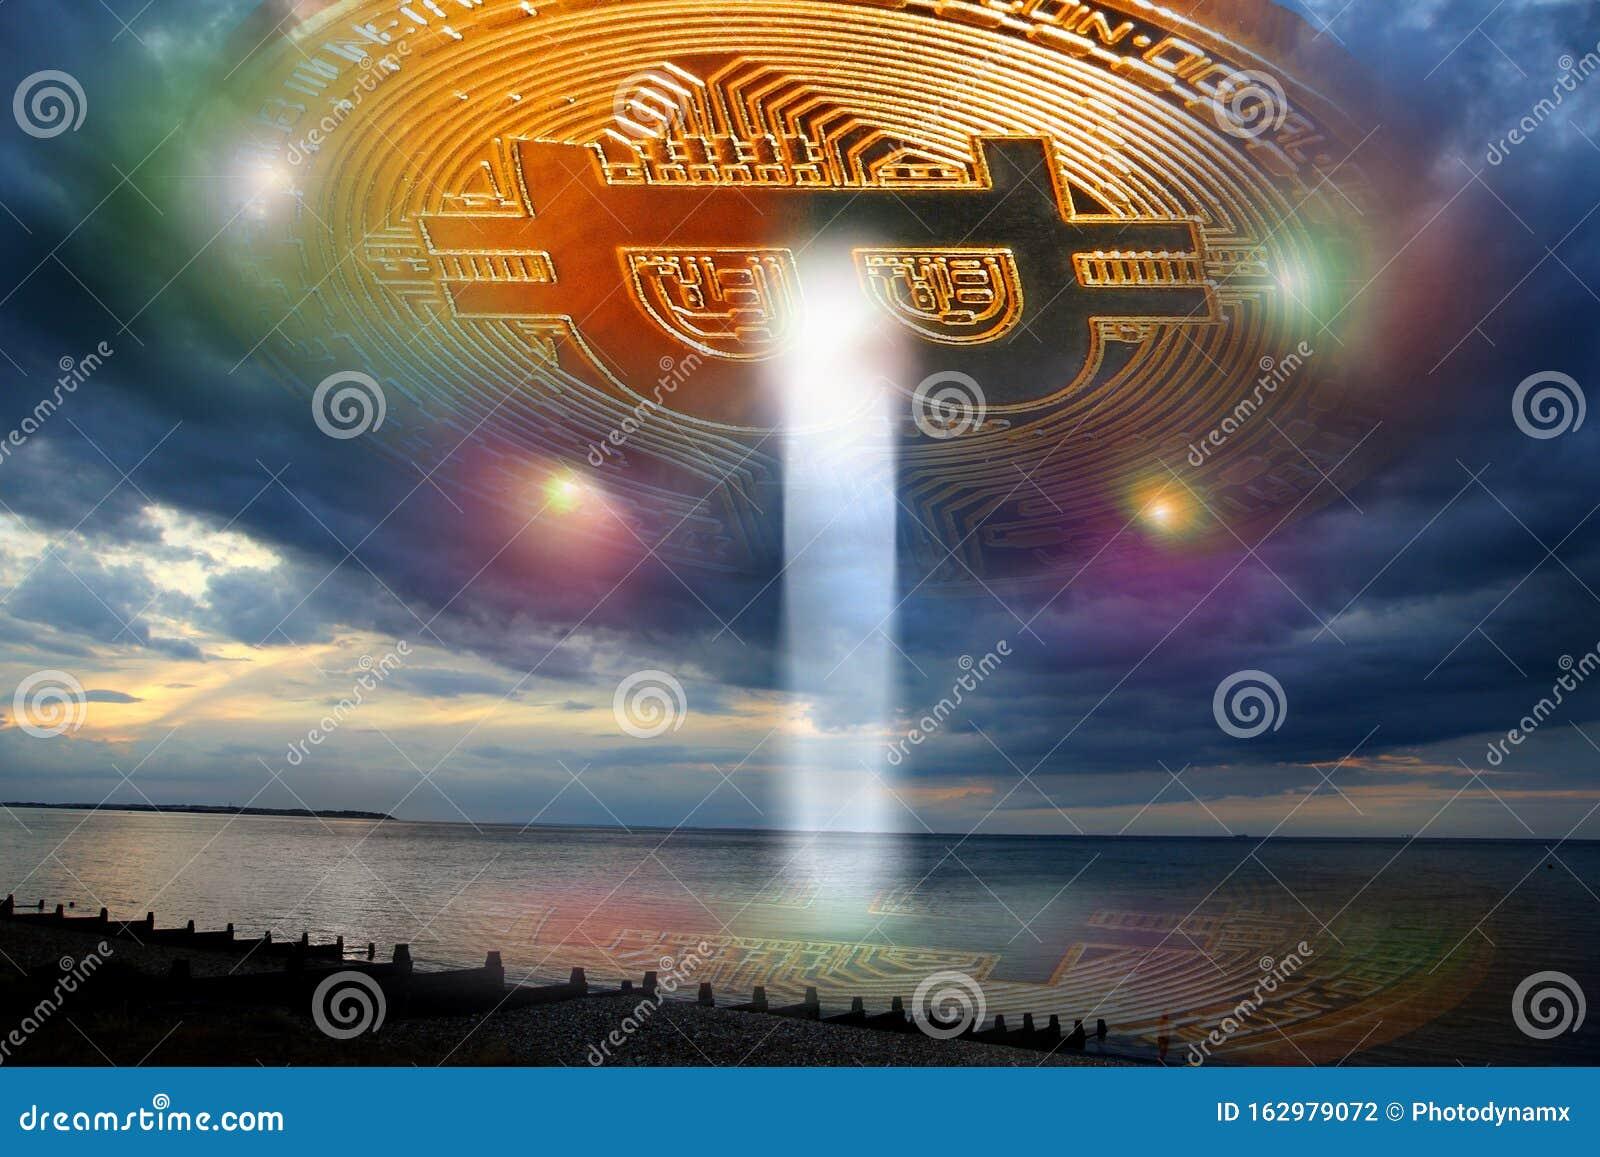 aki elfogadja a bitcoin fizetését megashop btc trading corp